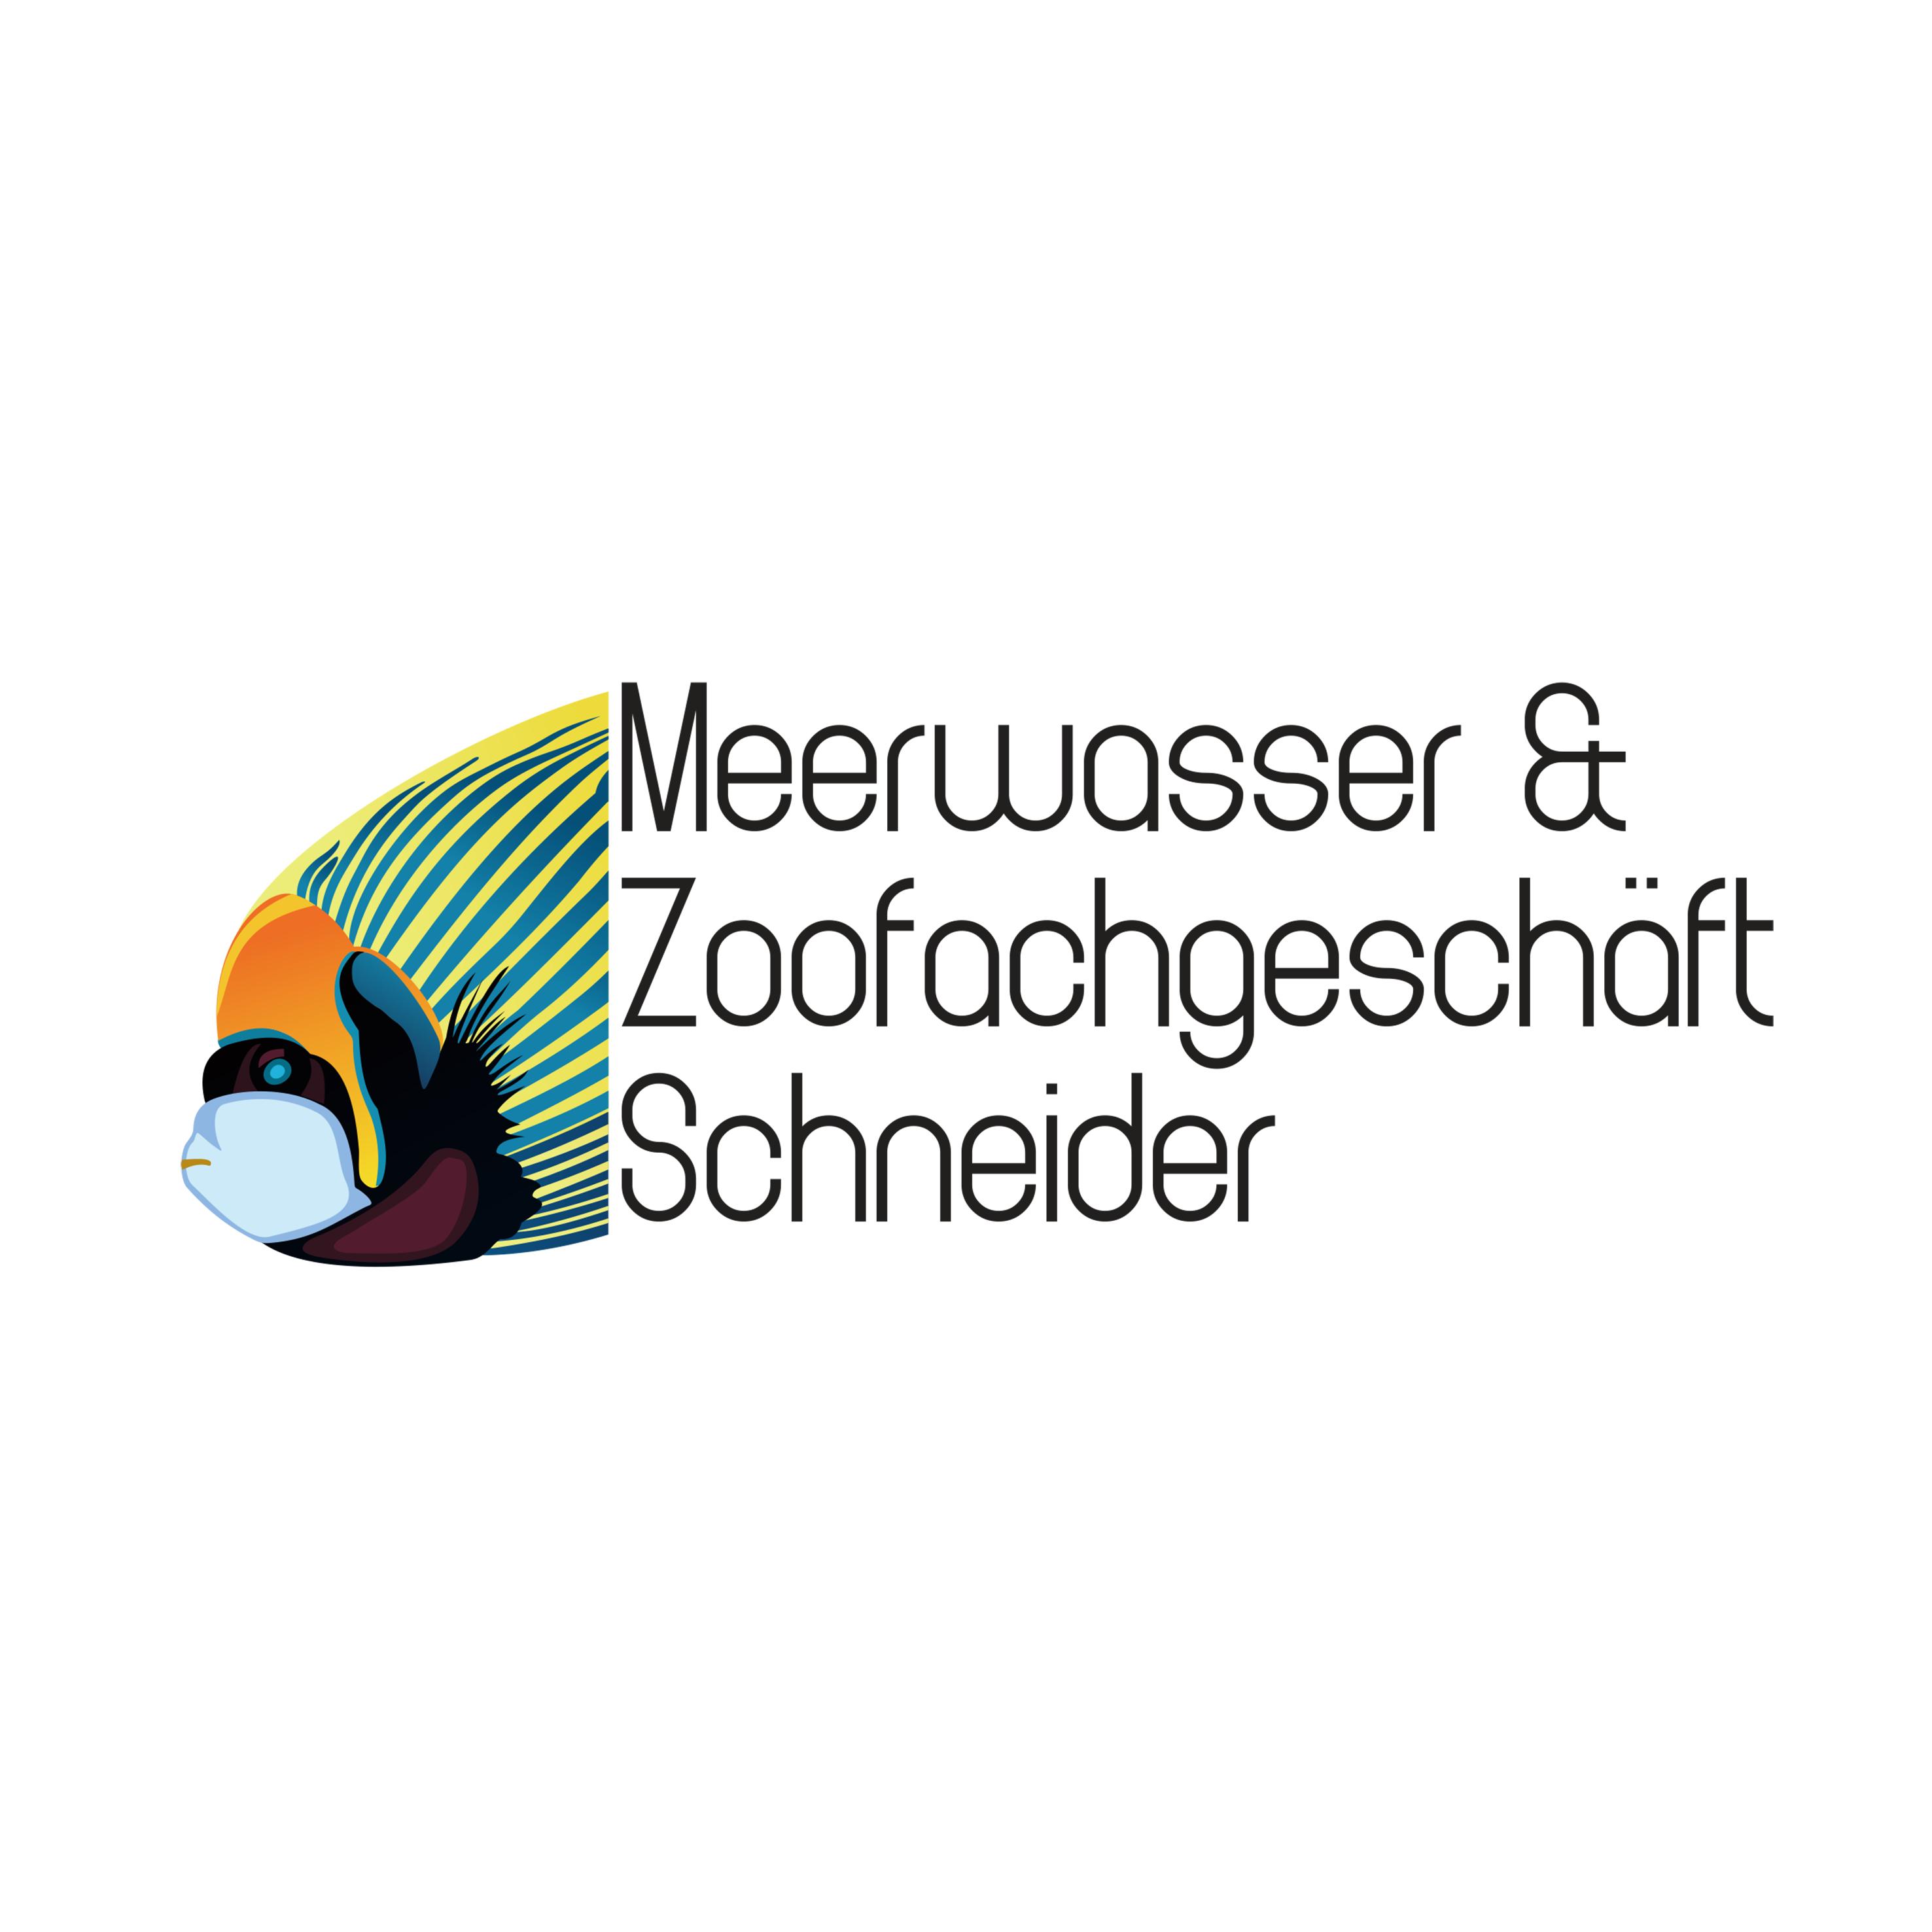 Meerwasser Logo Design